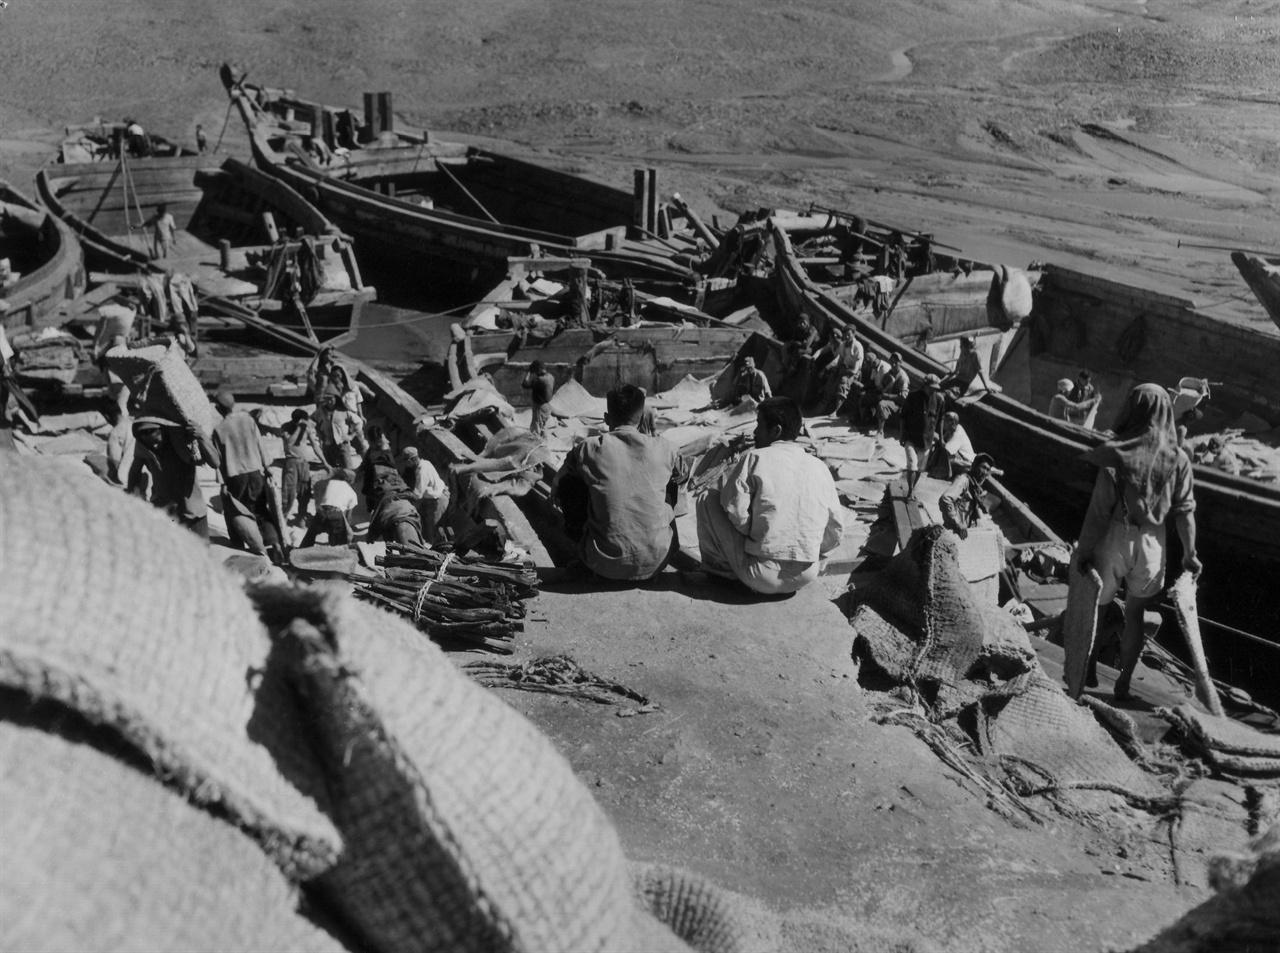 인천, 바닷물이 빠진 개펄에서 하역하는 부두노동자들(1952.10. 2.).